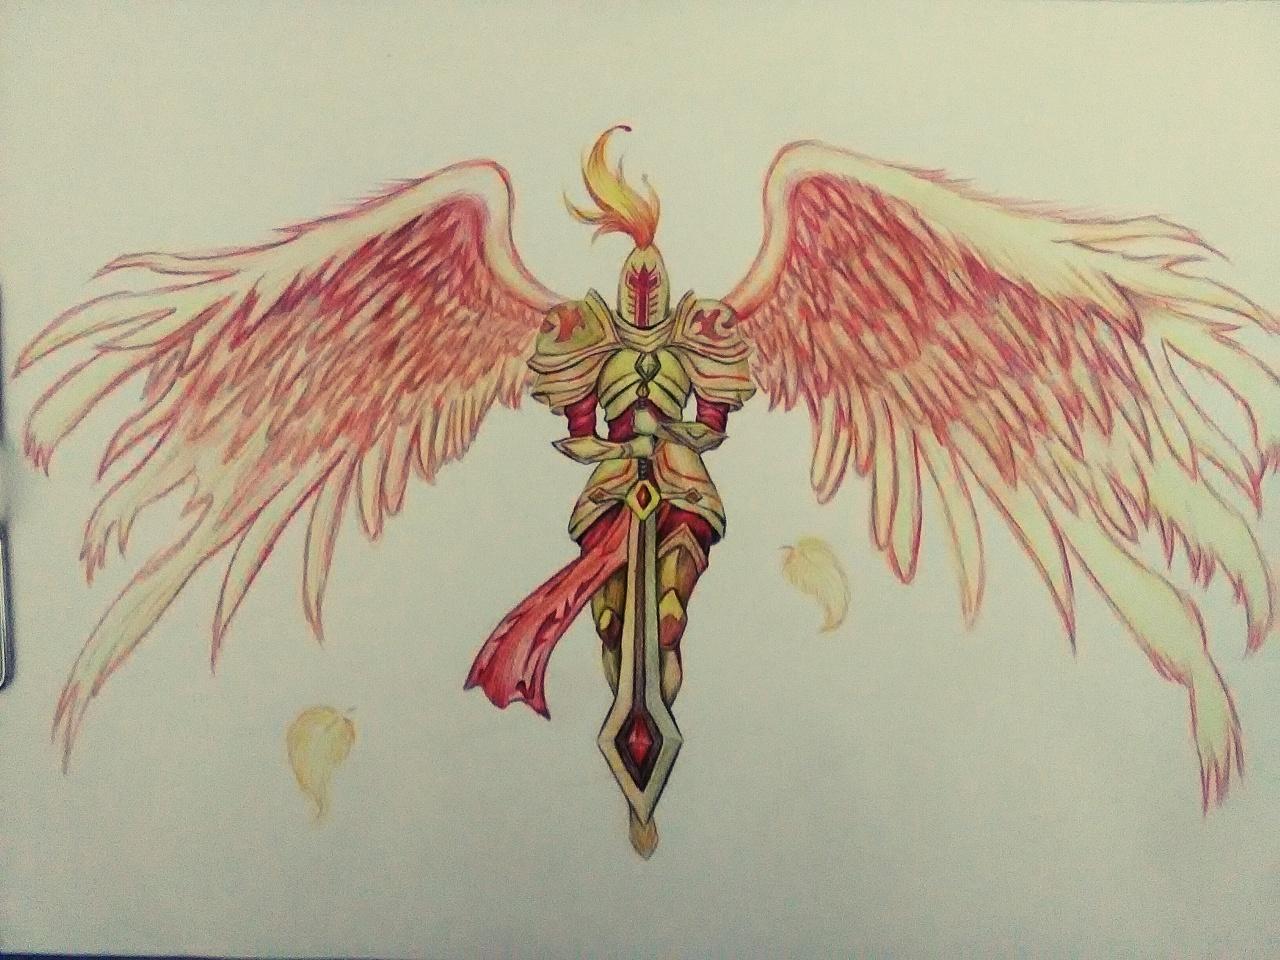 彩铅手绘英雄联盟人物